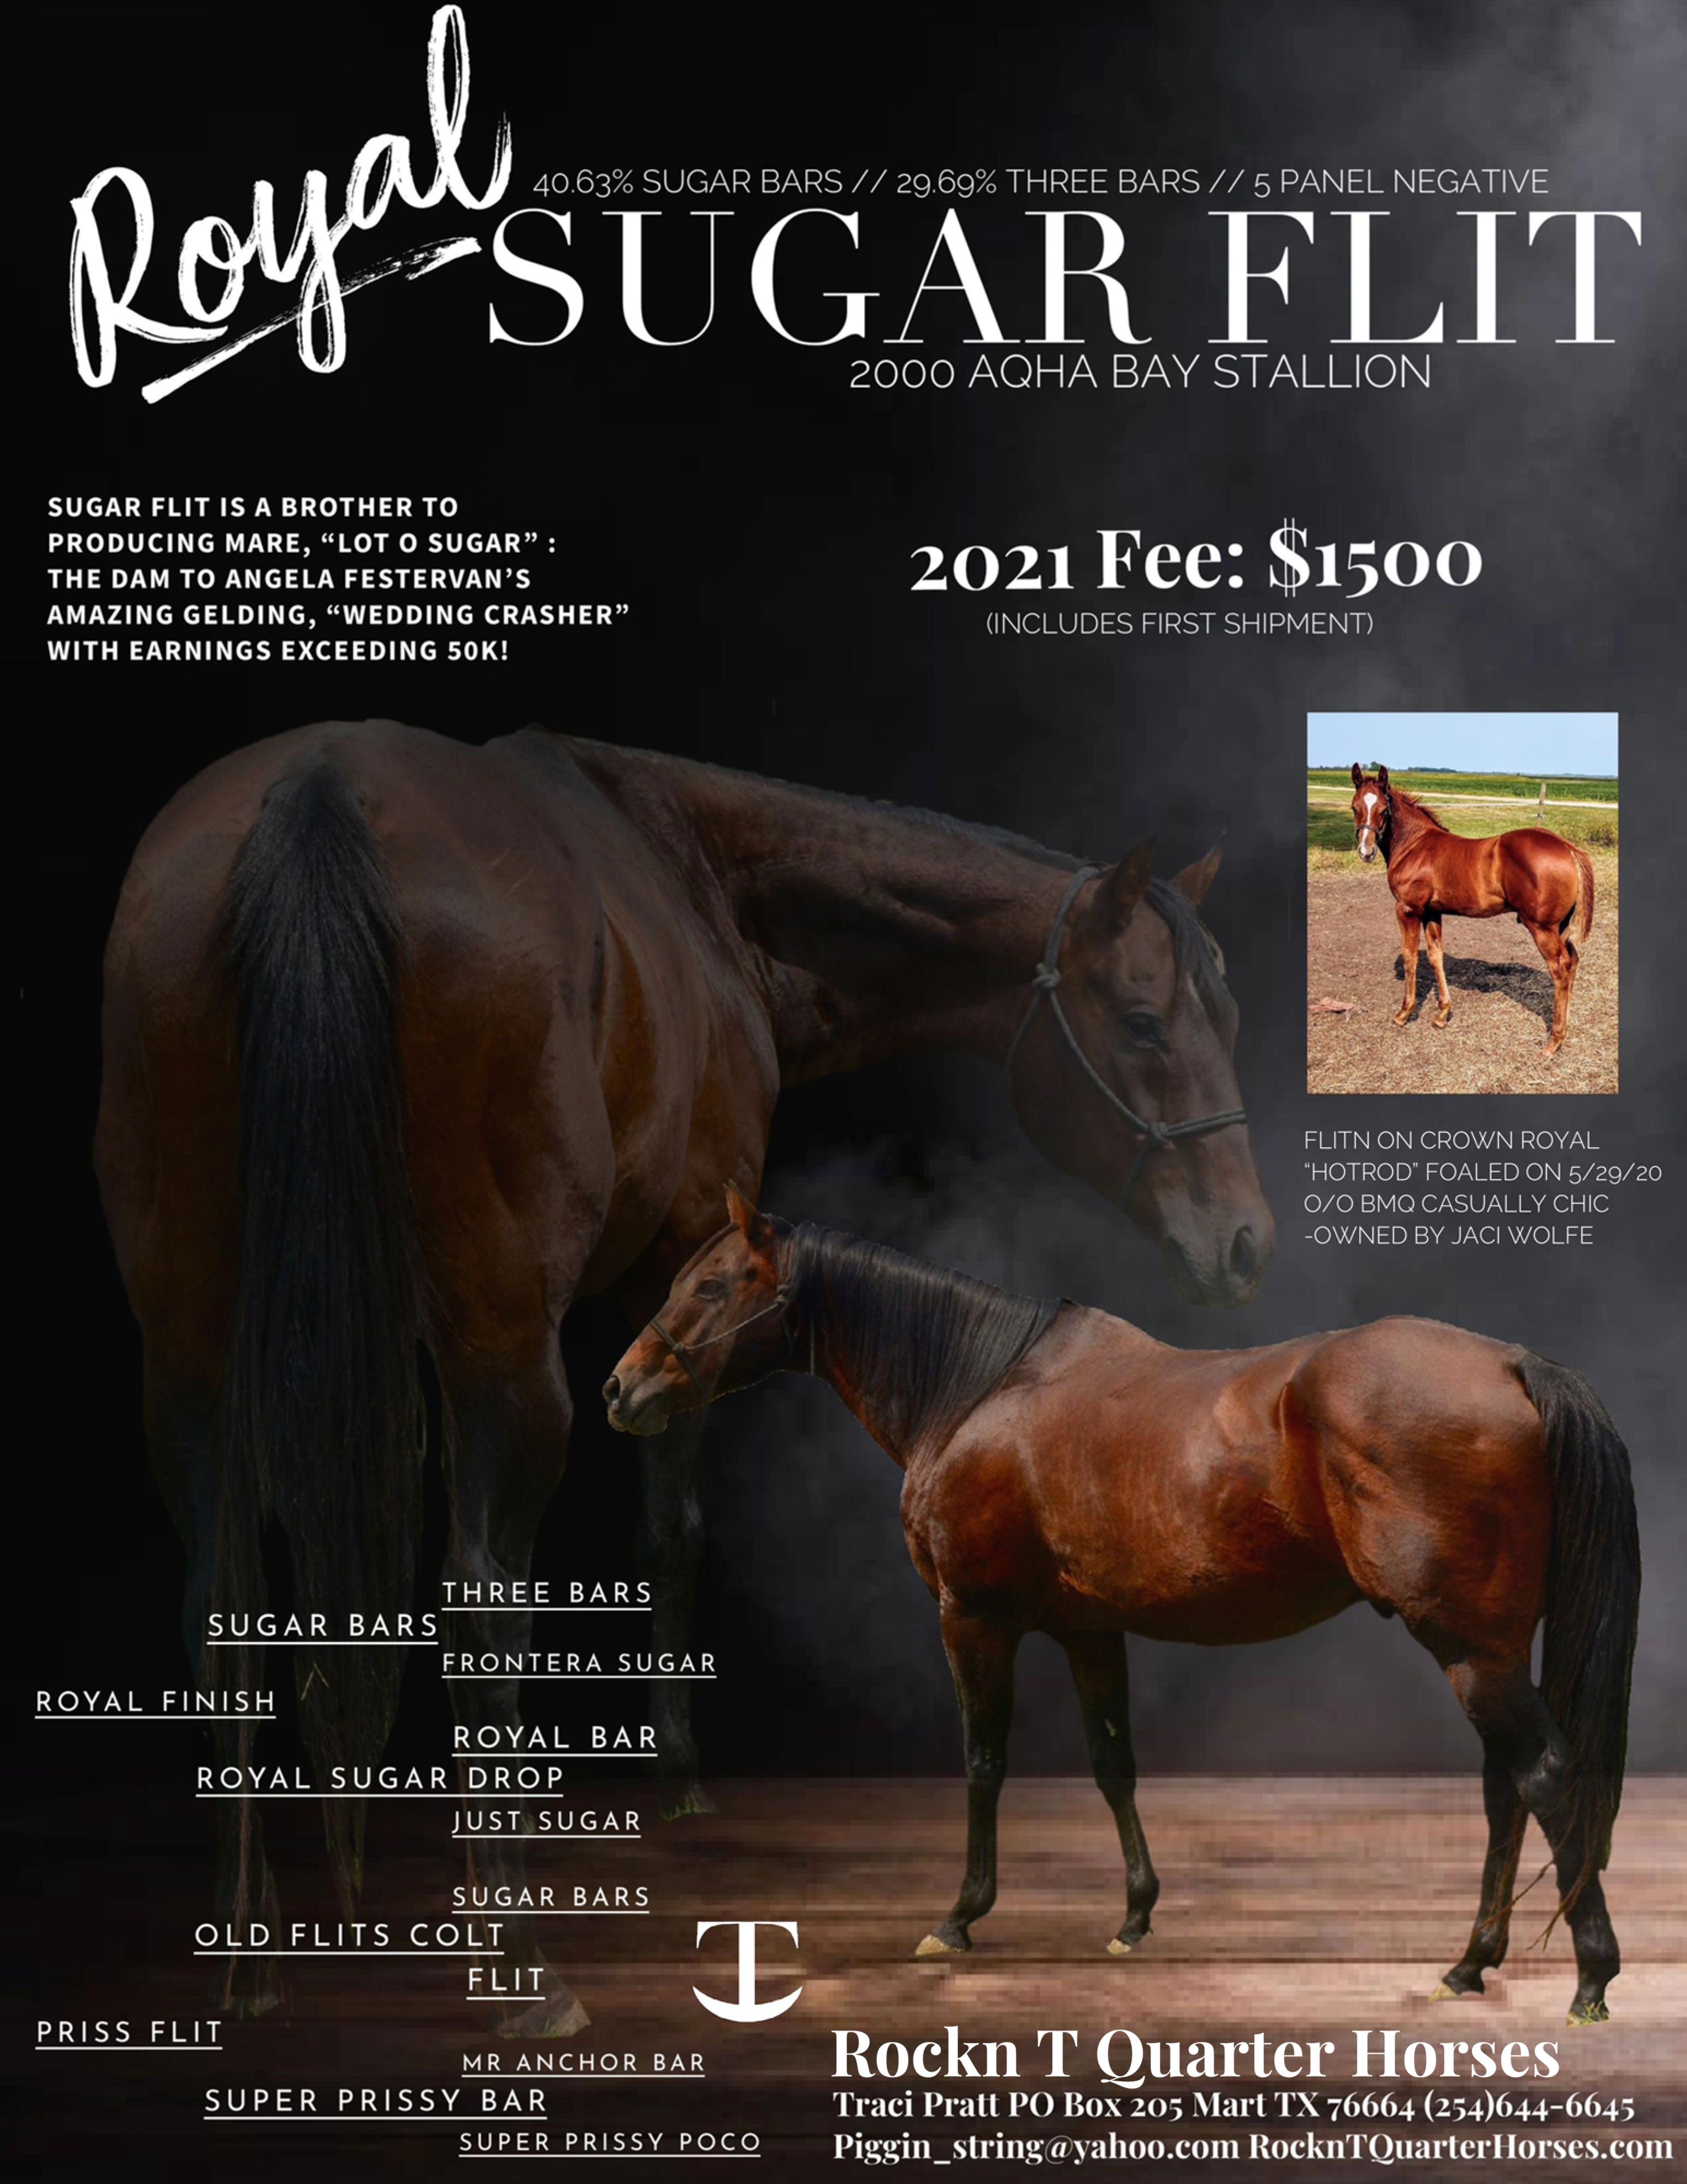 Royal Sugar Flit